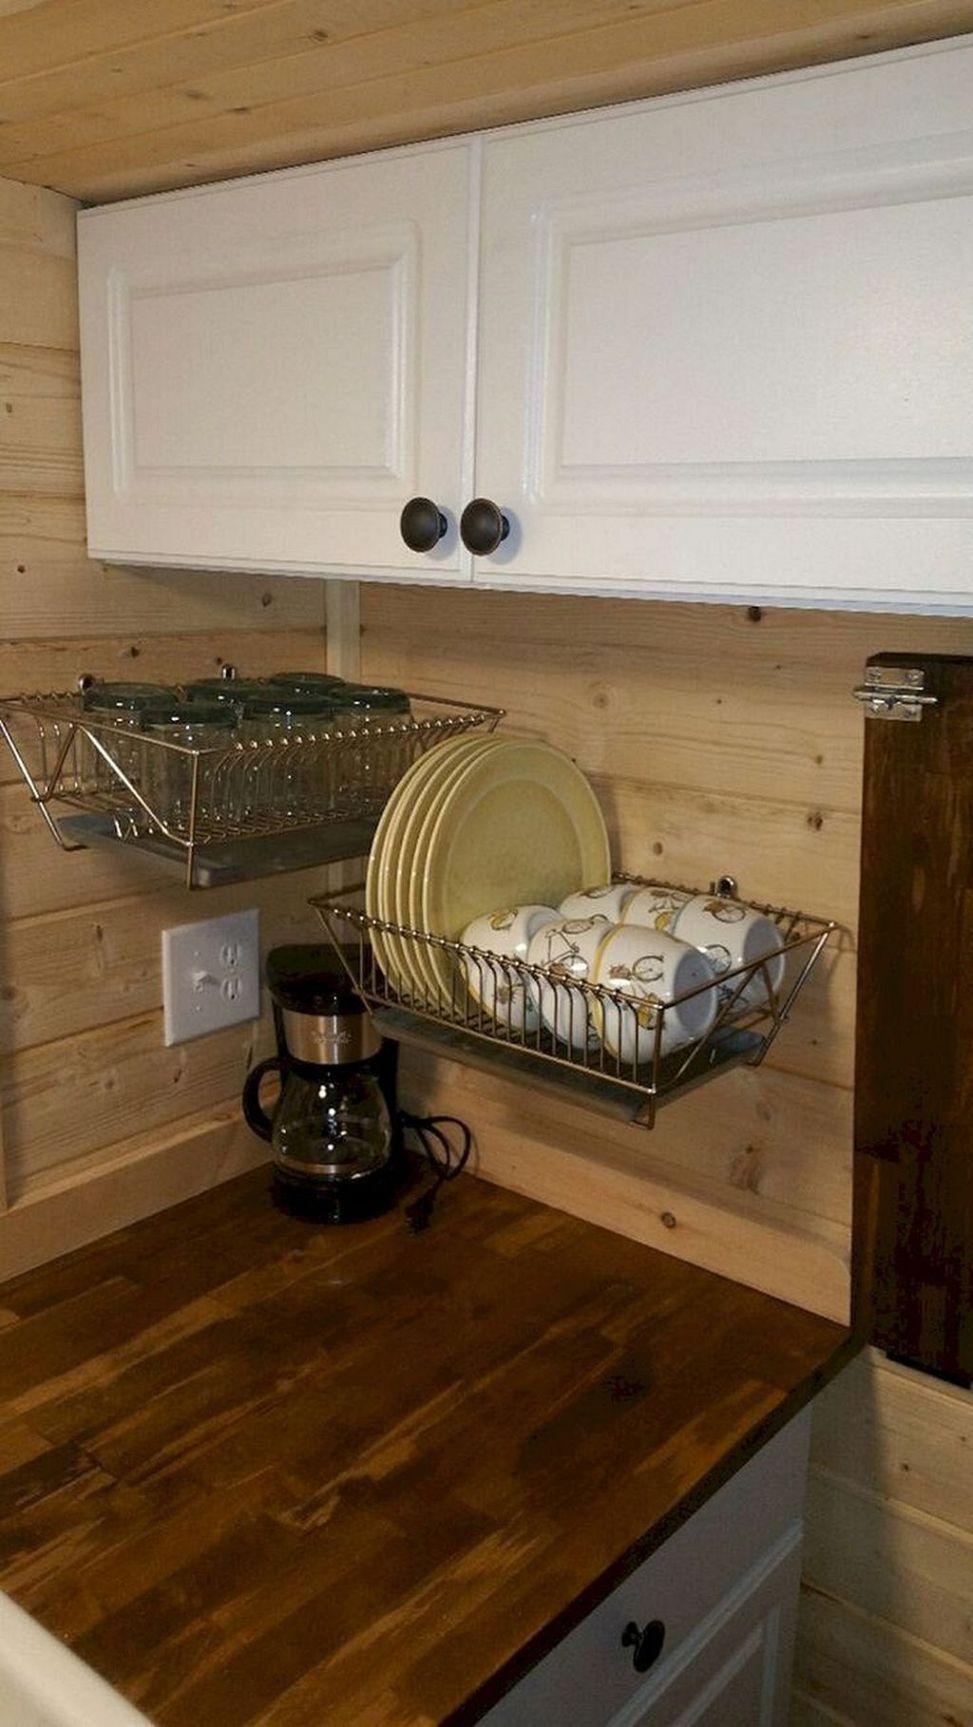 10 Rv Kitchen Storage And Organization Ideas Under 50